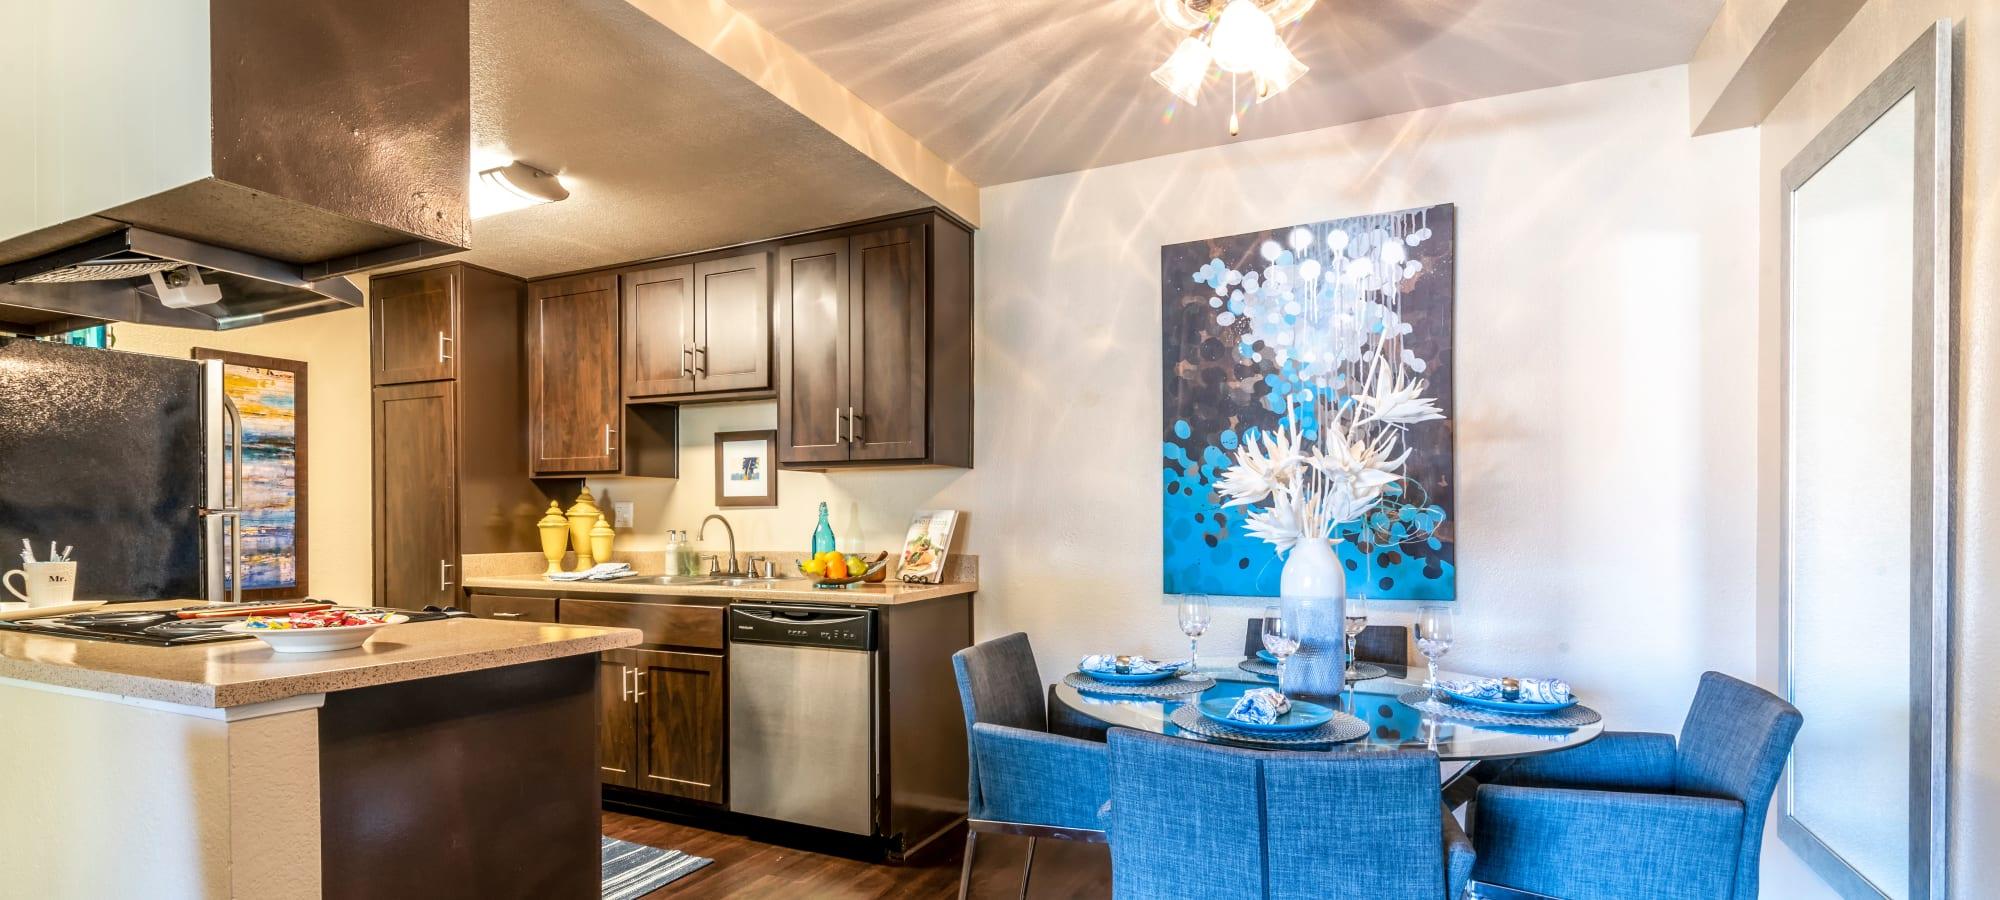 Chula Vista, California apartments at Terra Nova Villas